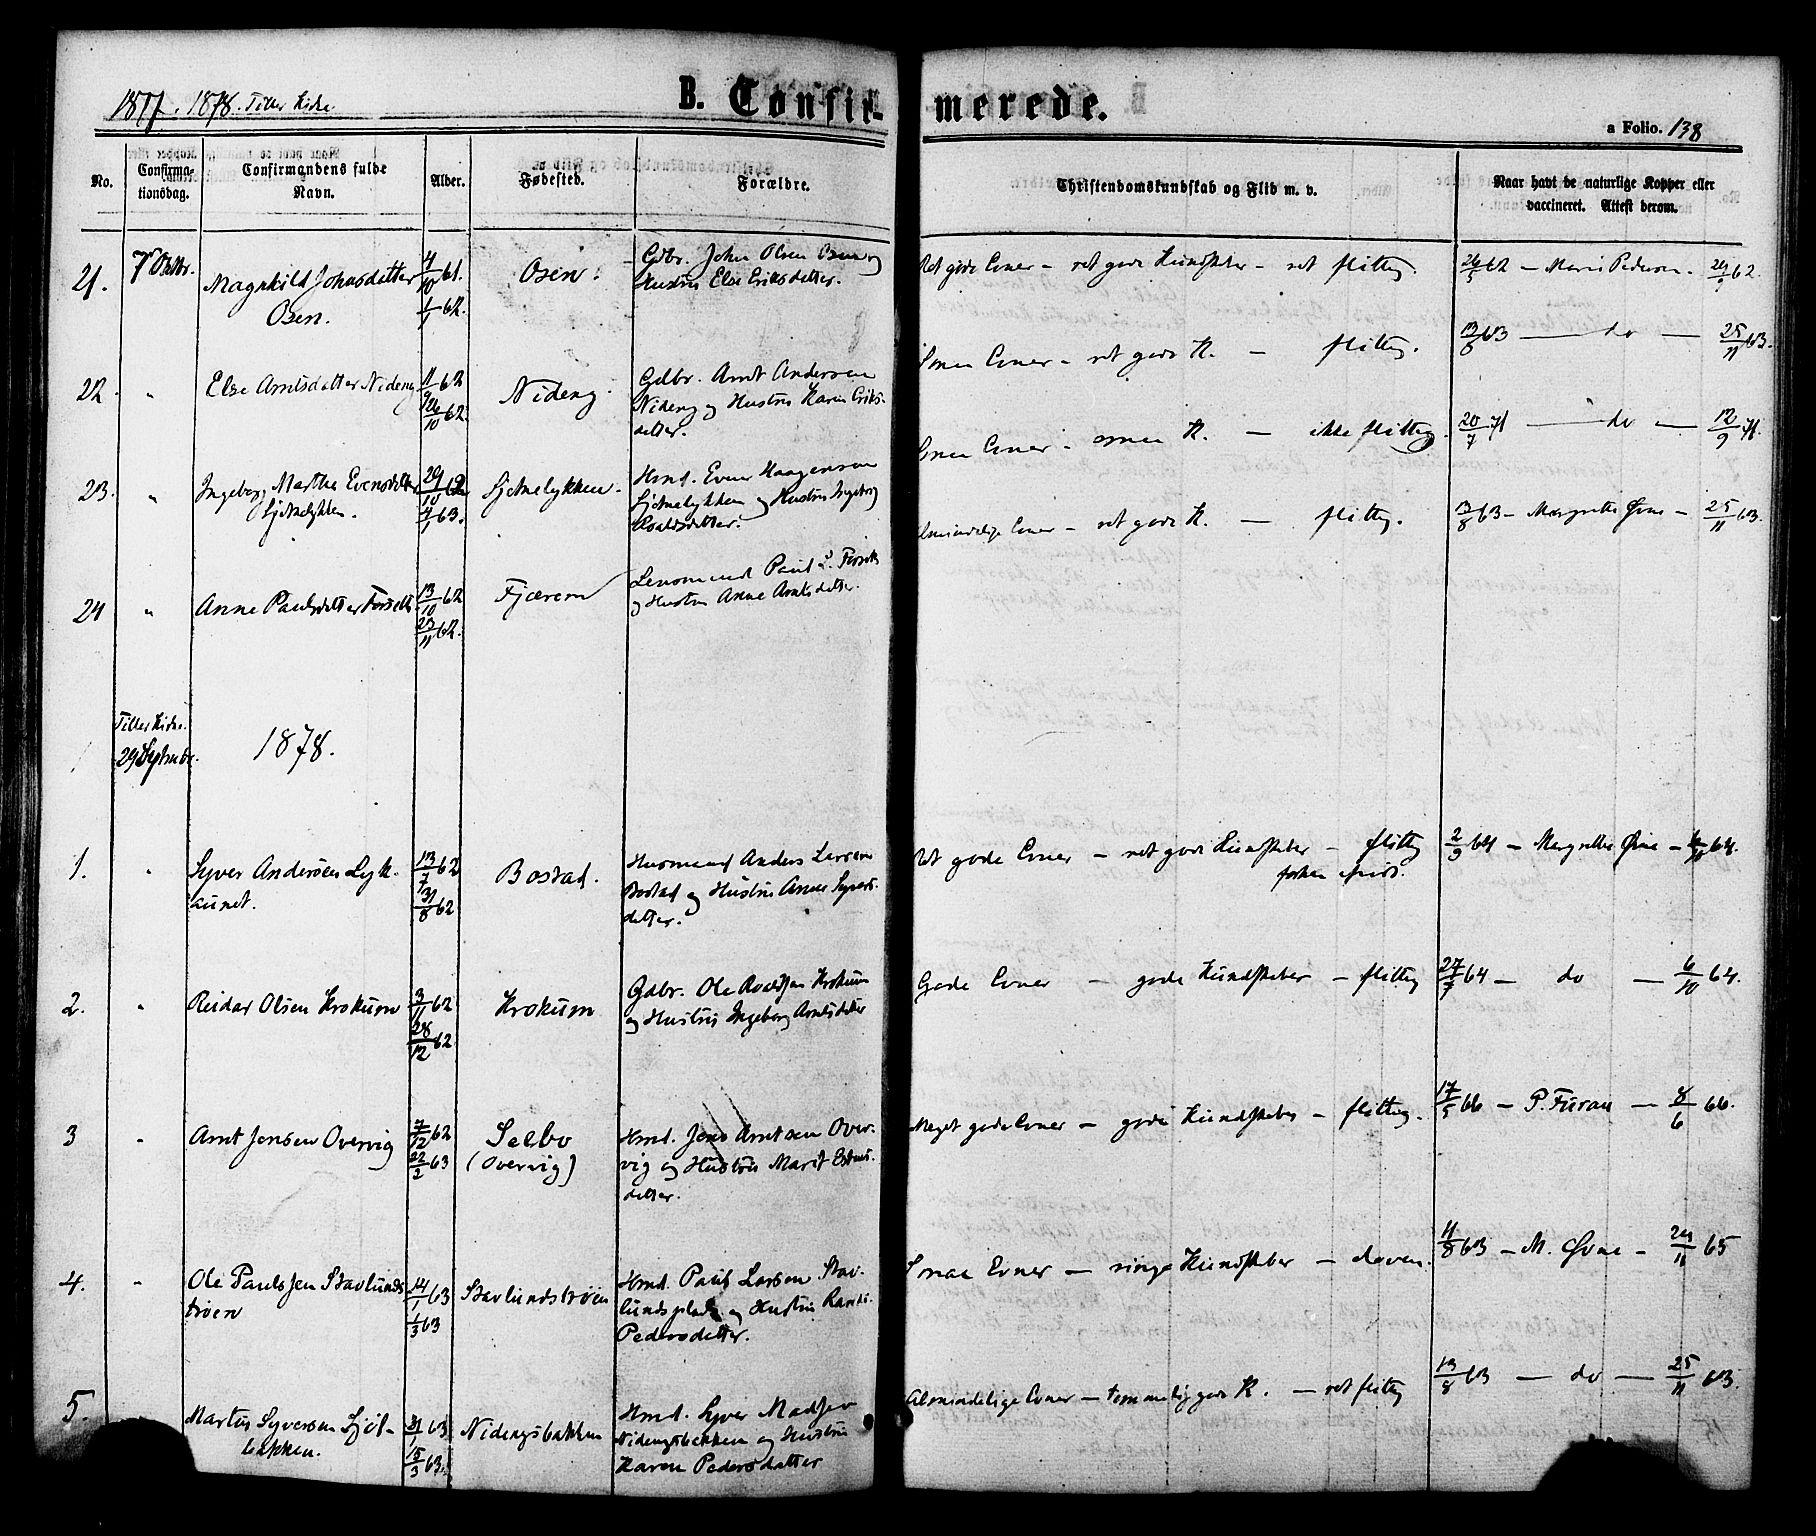 SAT, Ministerialprotokoller, klokkerbøker og fødselsregistre - Sør-Trøndelag, 618/L0442: Ministerialbok nr. 618A06 /1, 1863-1879, s. 138